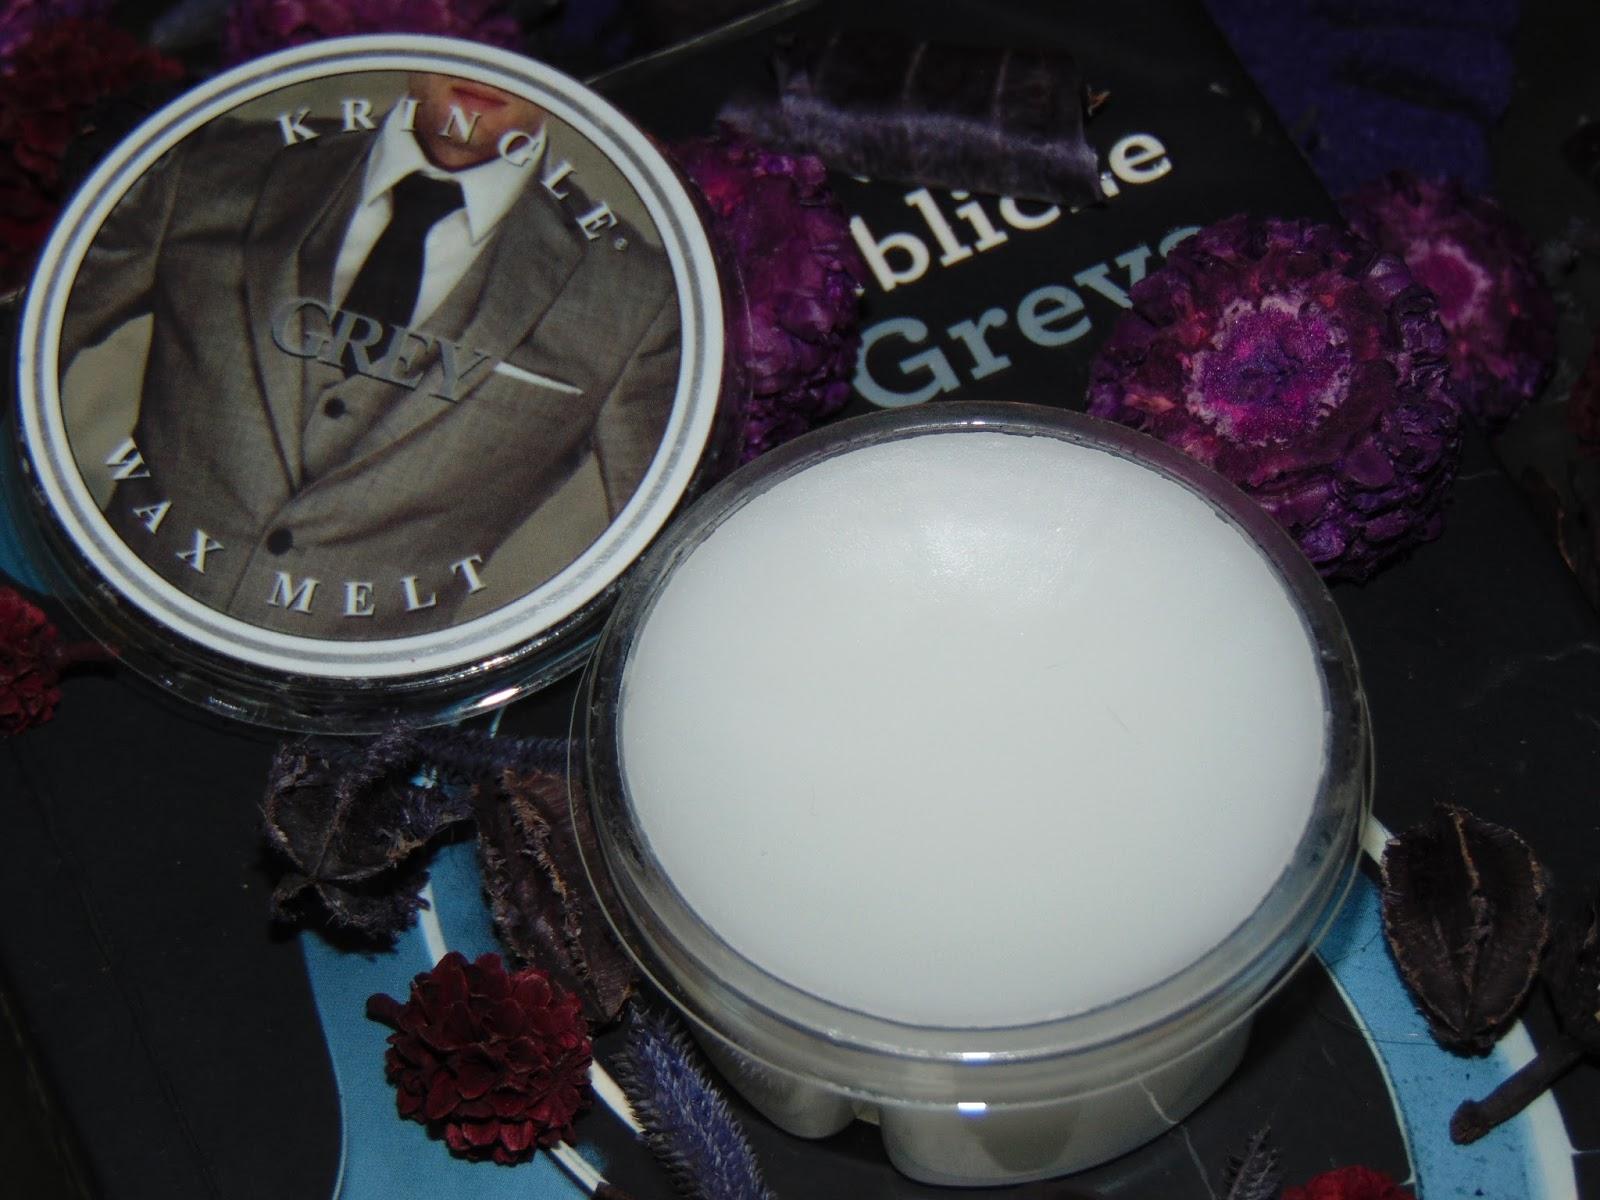 pirelka blog beauty blog kringle candle wosk. Black Bedroom Furniture Sets. Home Design Ideas